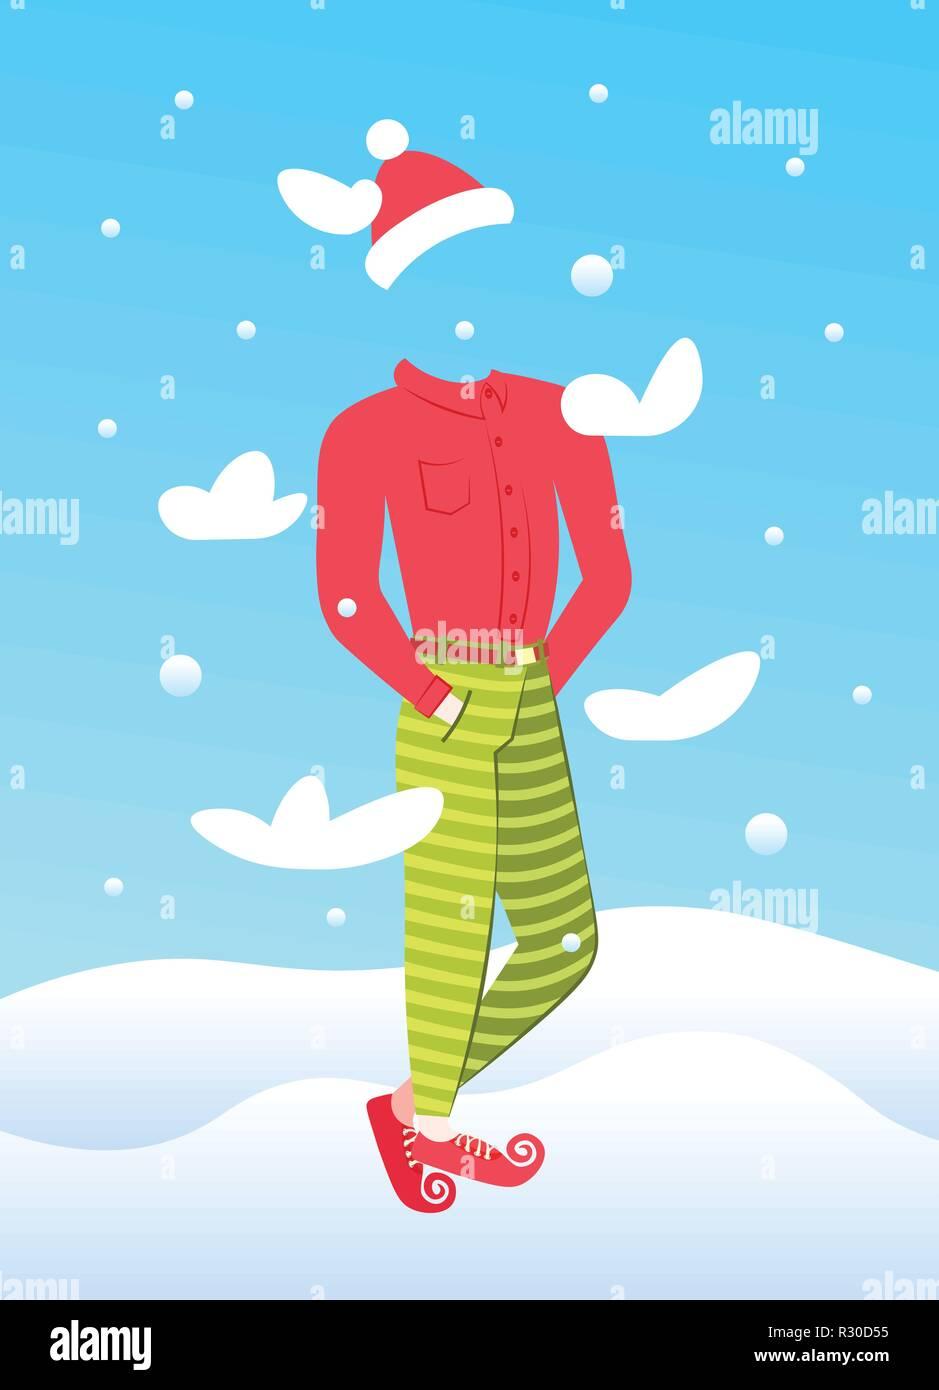 Uomo invisibile usura anno nuovo costume buon natale vacanze